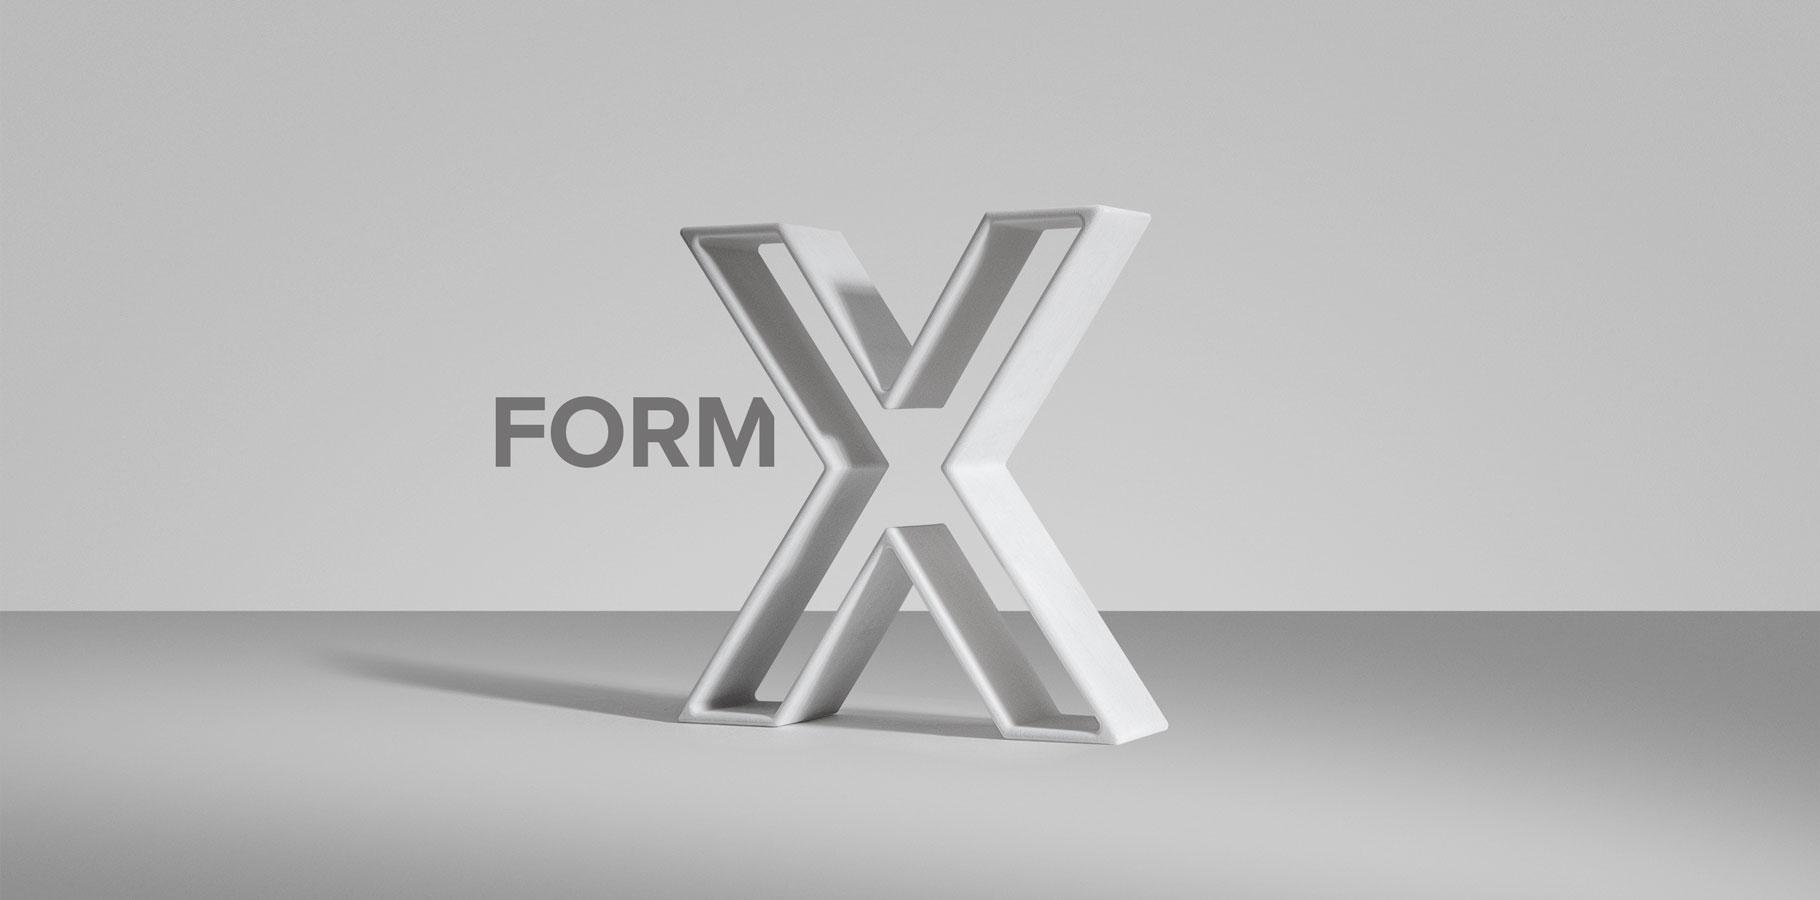 フォームラブズが新型セラミック樹脂をリリース